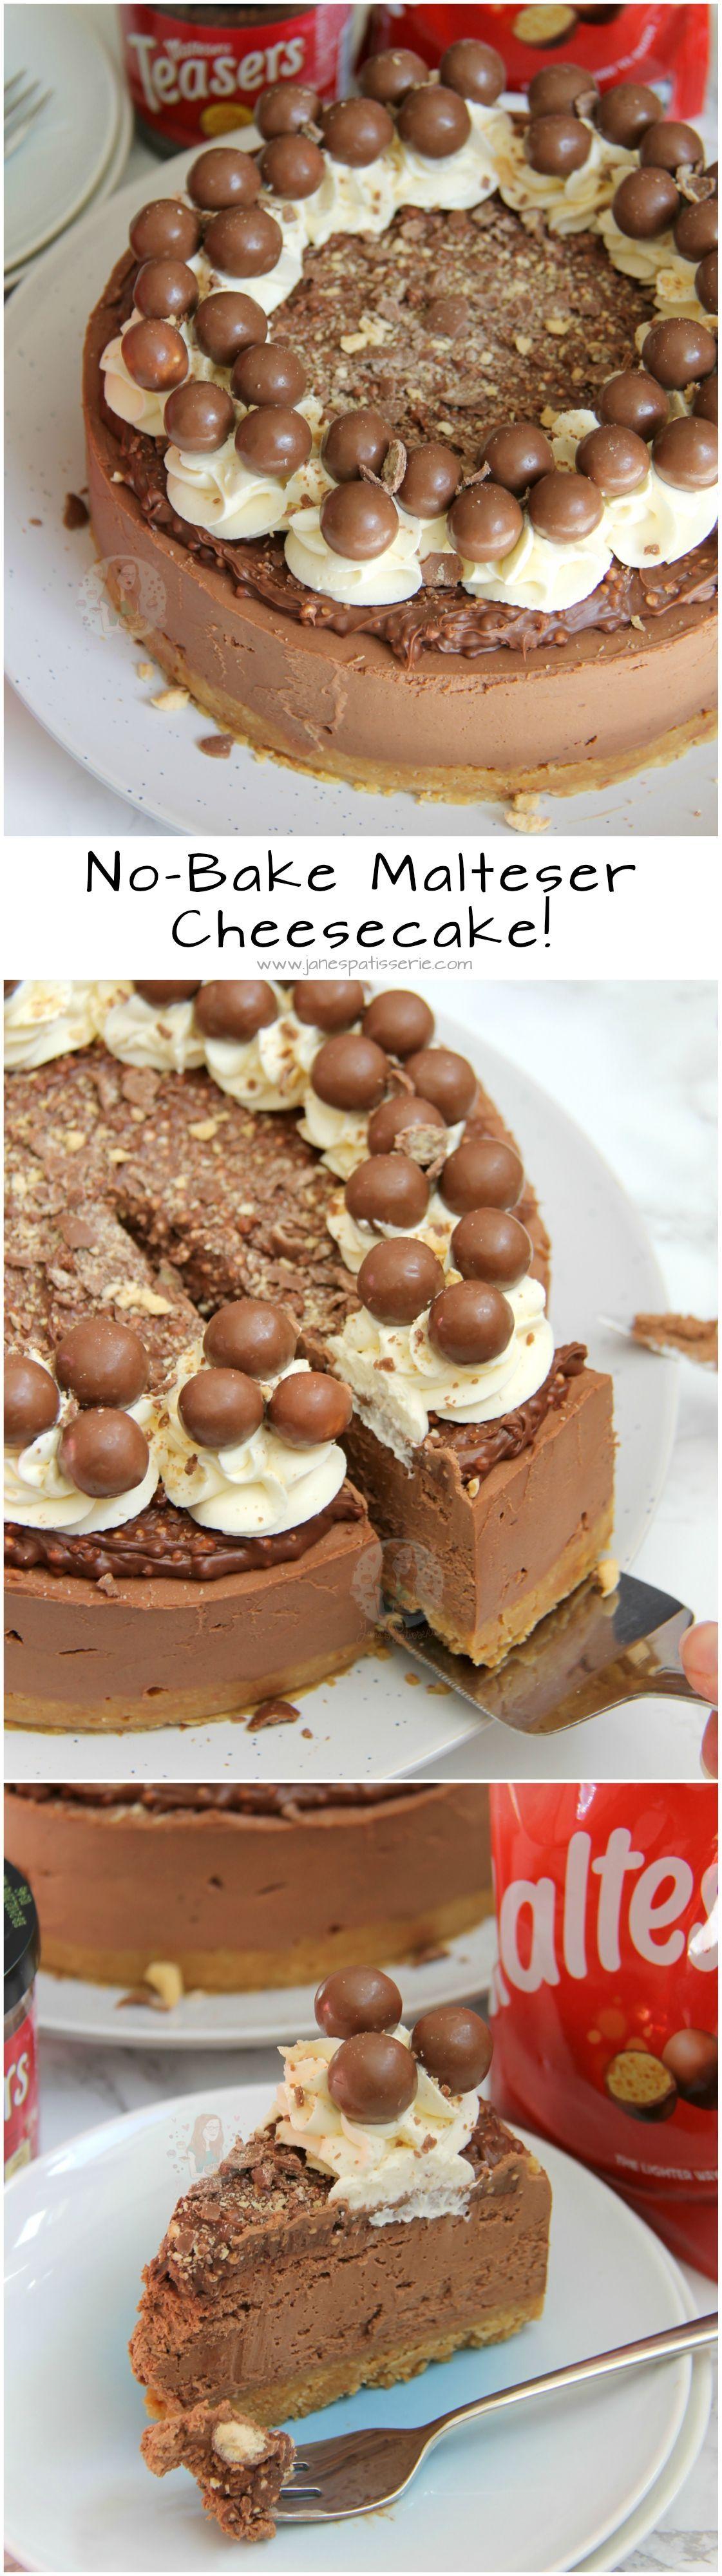 No Bake Malteser Cheesecake Delicious Chocolatey Malteser Cheesecake Malt Biscuit Base Chocolate Malt Cheeseca Cake Recipes Baking Cheesecake Recipes